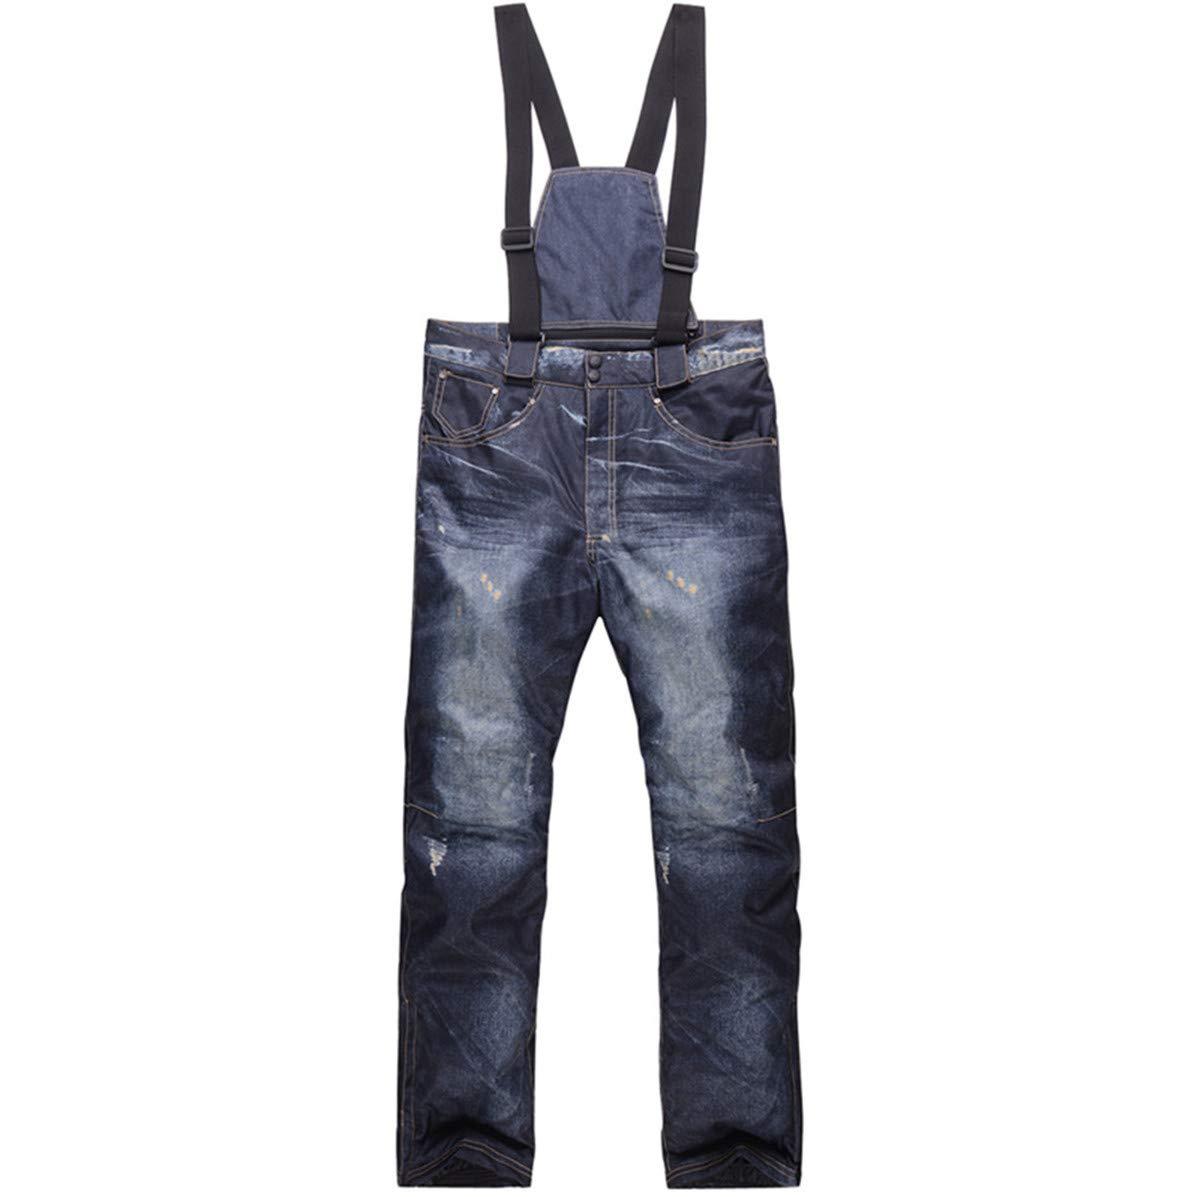 Denim Bretelle Pantaloni da Sci Casual Jeans da Sci Impermeabile e Traspirante Warm Skiing Pantaloni da Snowboard per Uomini e Donne